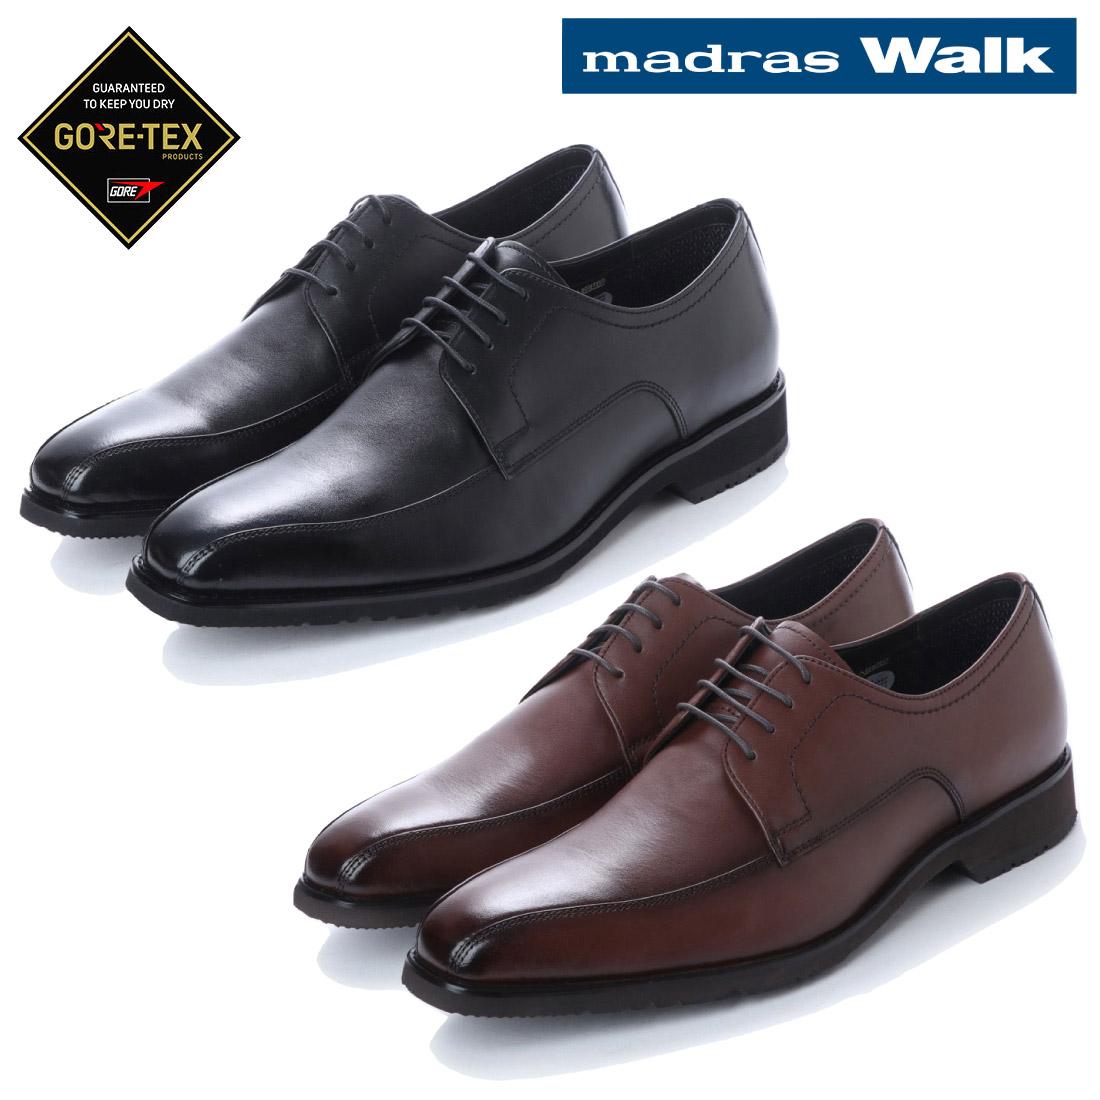 madras Walk マドラス外羽根 スクウェアトゥ ビジネス シューズ MW8021 防水 革靴 【nesh】 【新品】